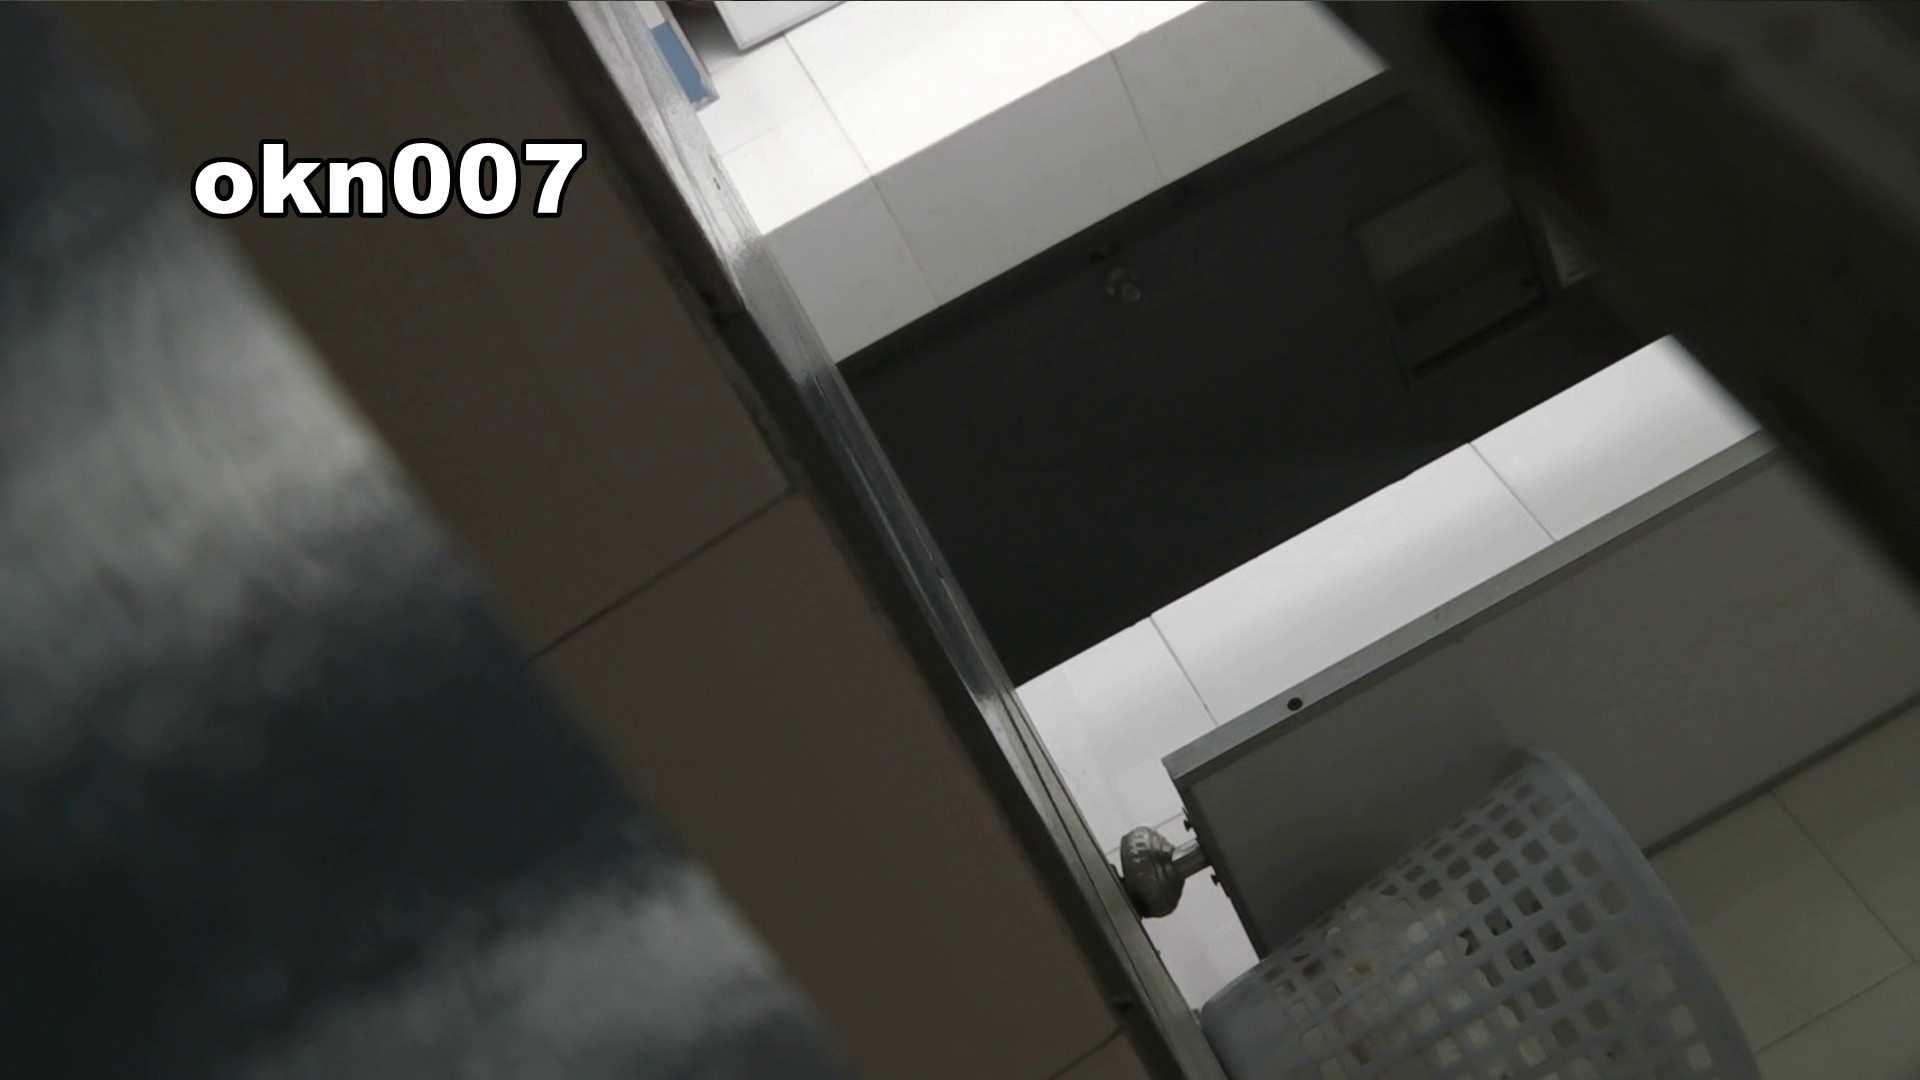 下からノゾム vol.007 クパッと広げて叩いてブルッ! 洗面所  57PIX 19